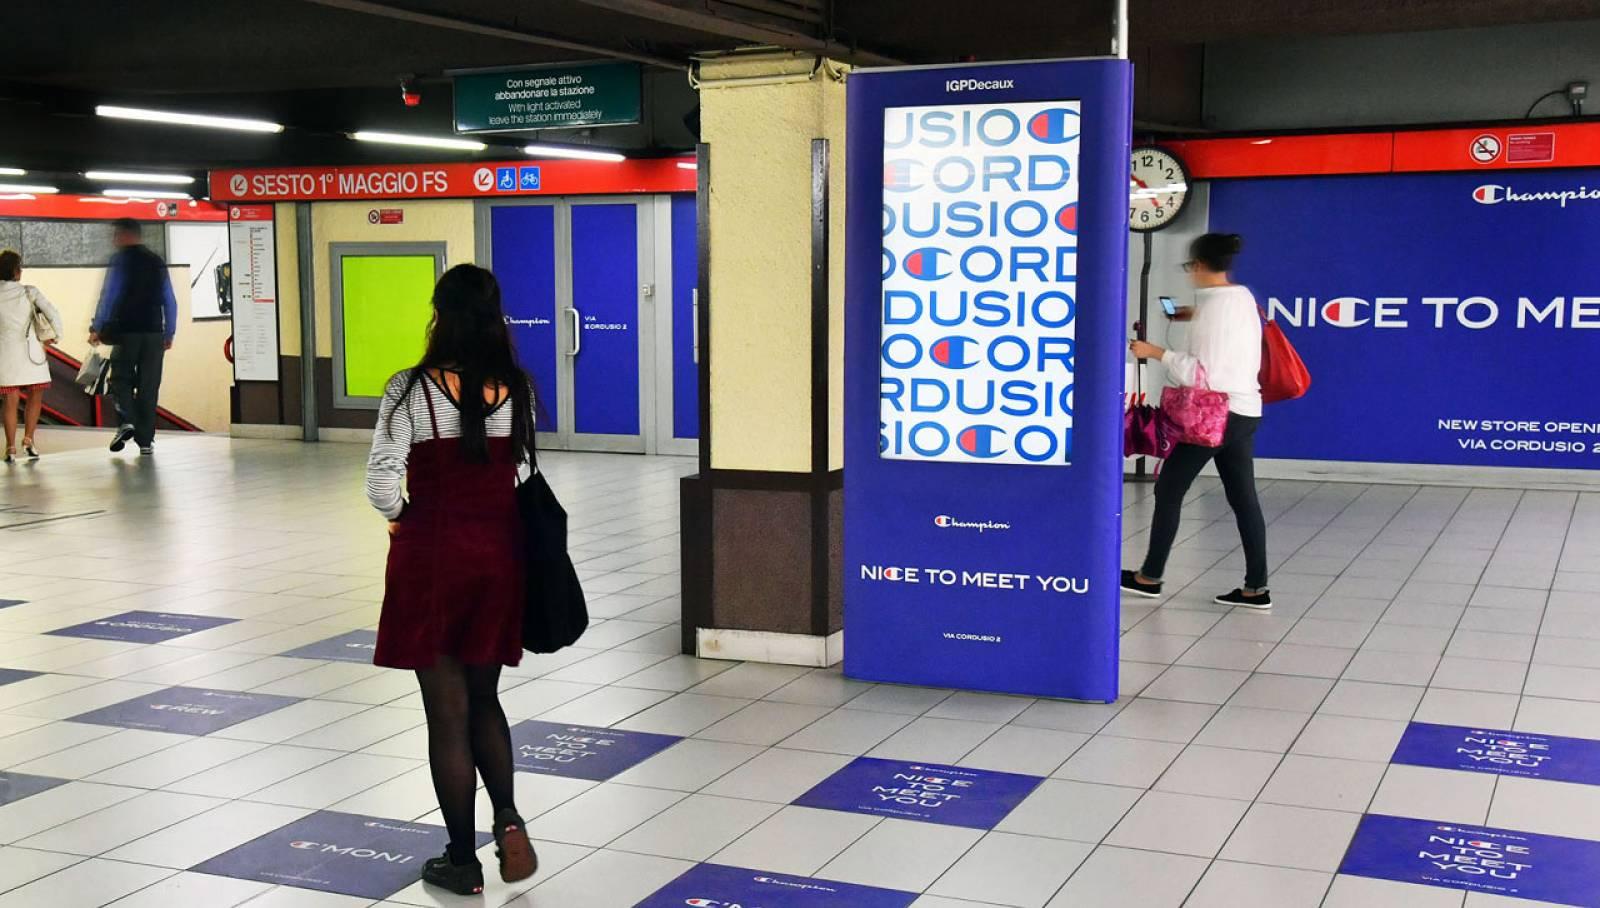 Pubblicità metro Milano IGPDecaux Station Domination per Champion